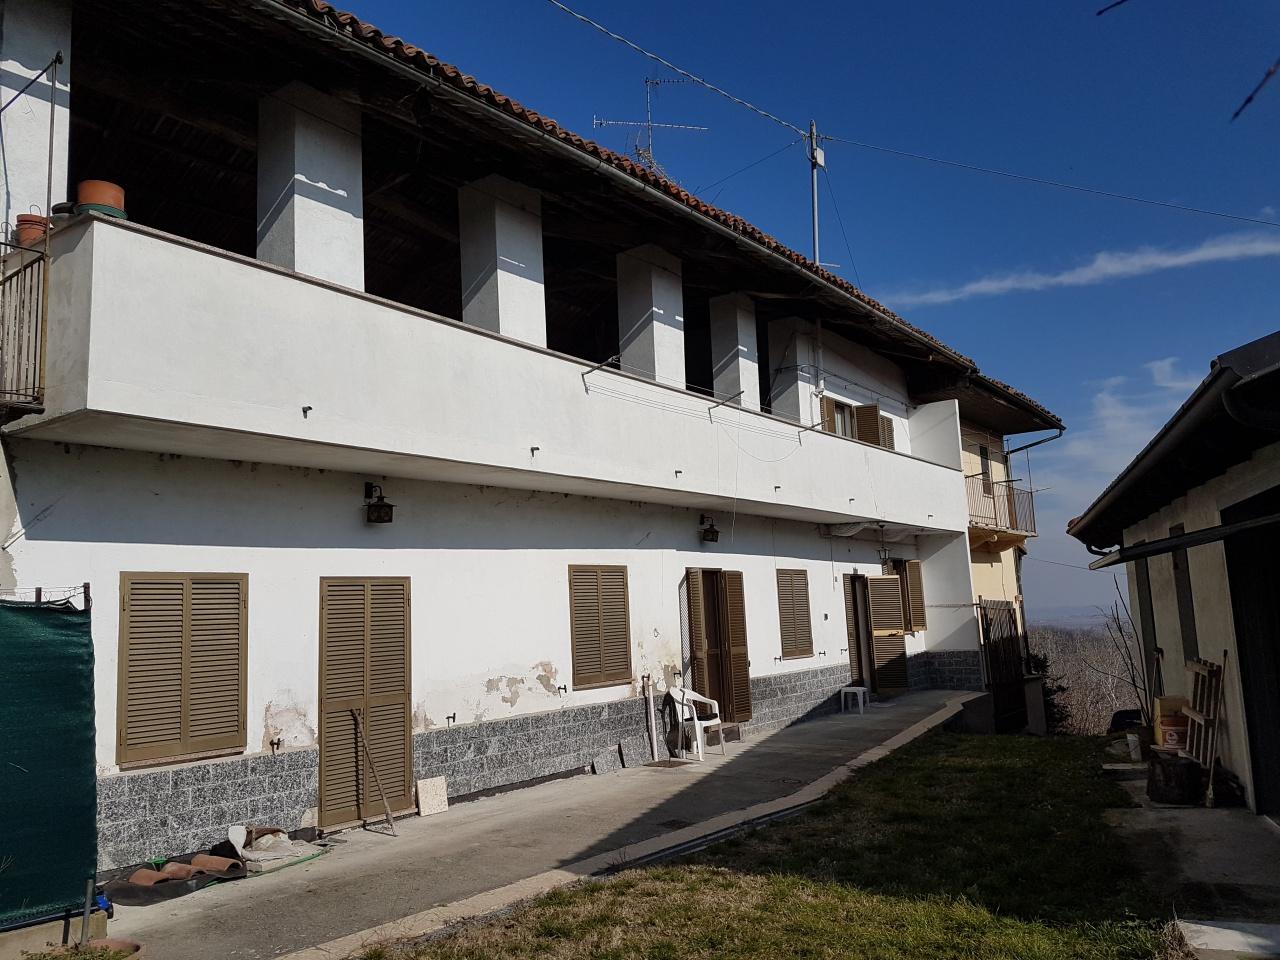 Soluzione Indipendente in vendita a Verrua Savoia, 6 locali, prezzo € 47.000 | PortaleAgenzieImmobiliari.it